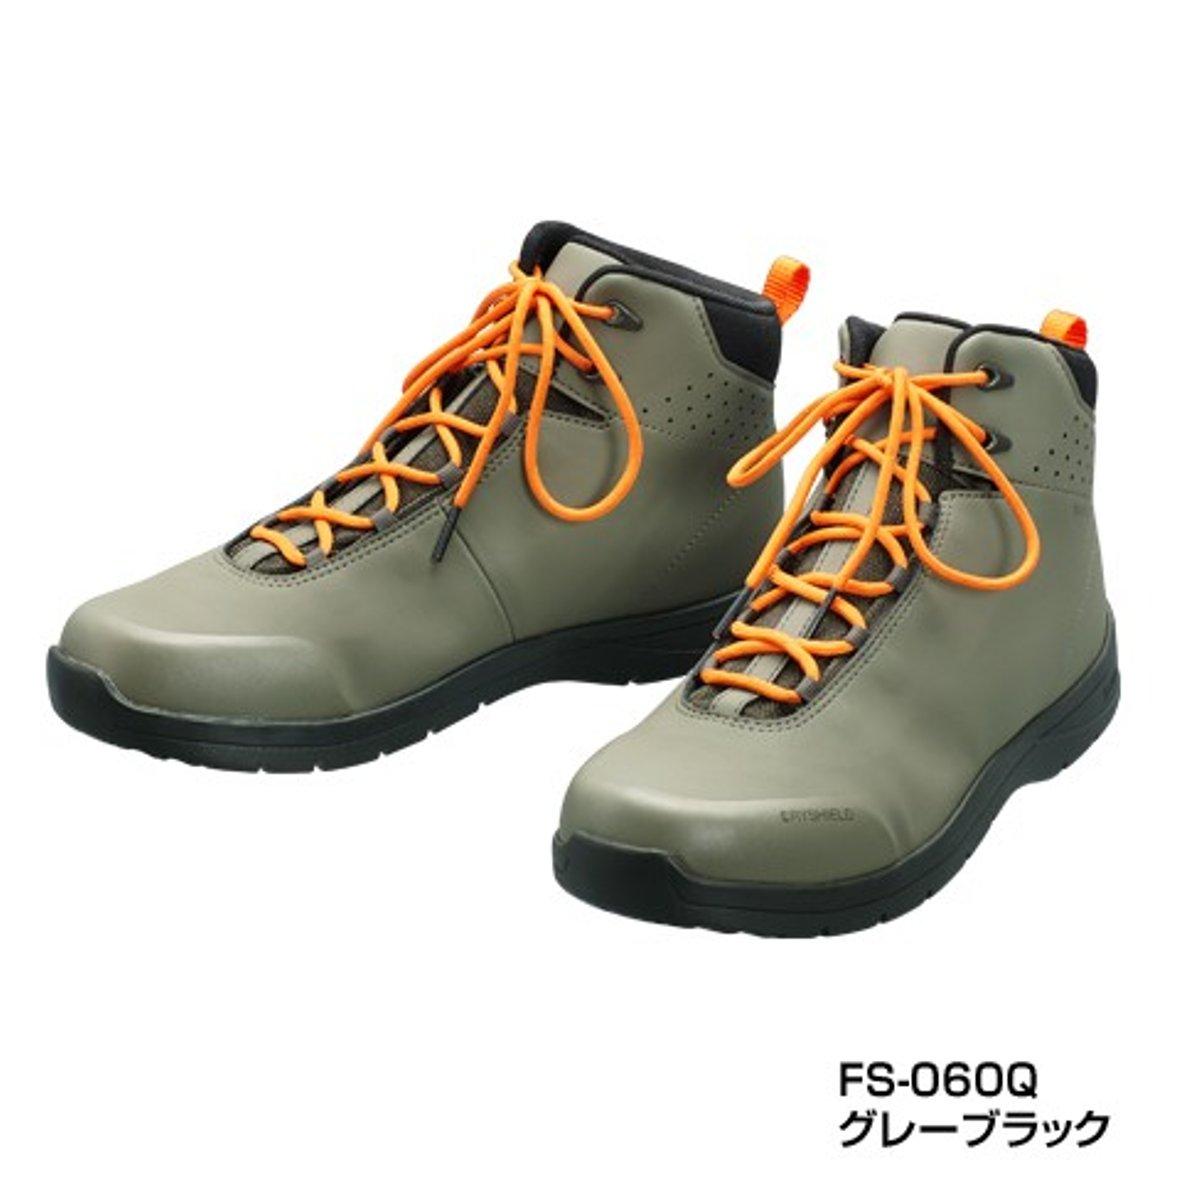 シマノ ドライシールド・ラジアルスパイクシューズ(ハイカットタイプ) FS-060Q 27.5cm グレーブラック(東日本店)